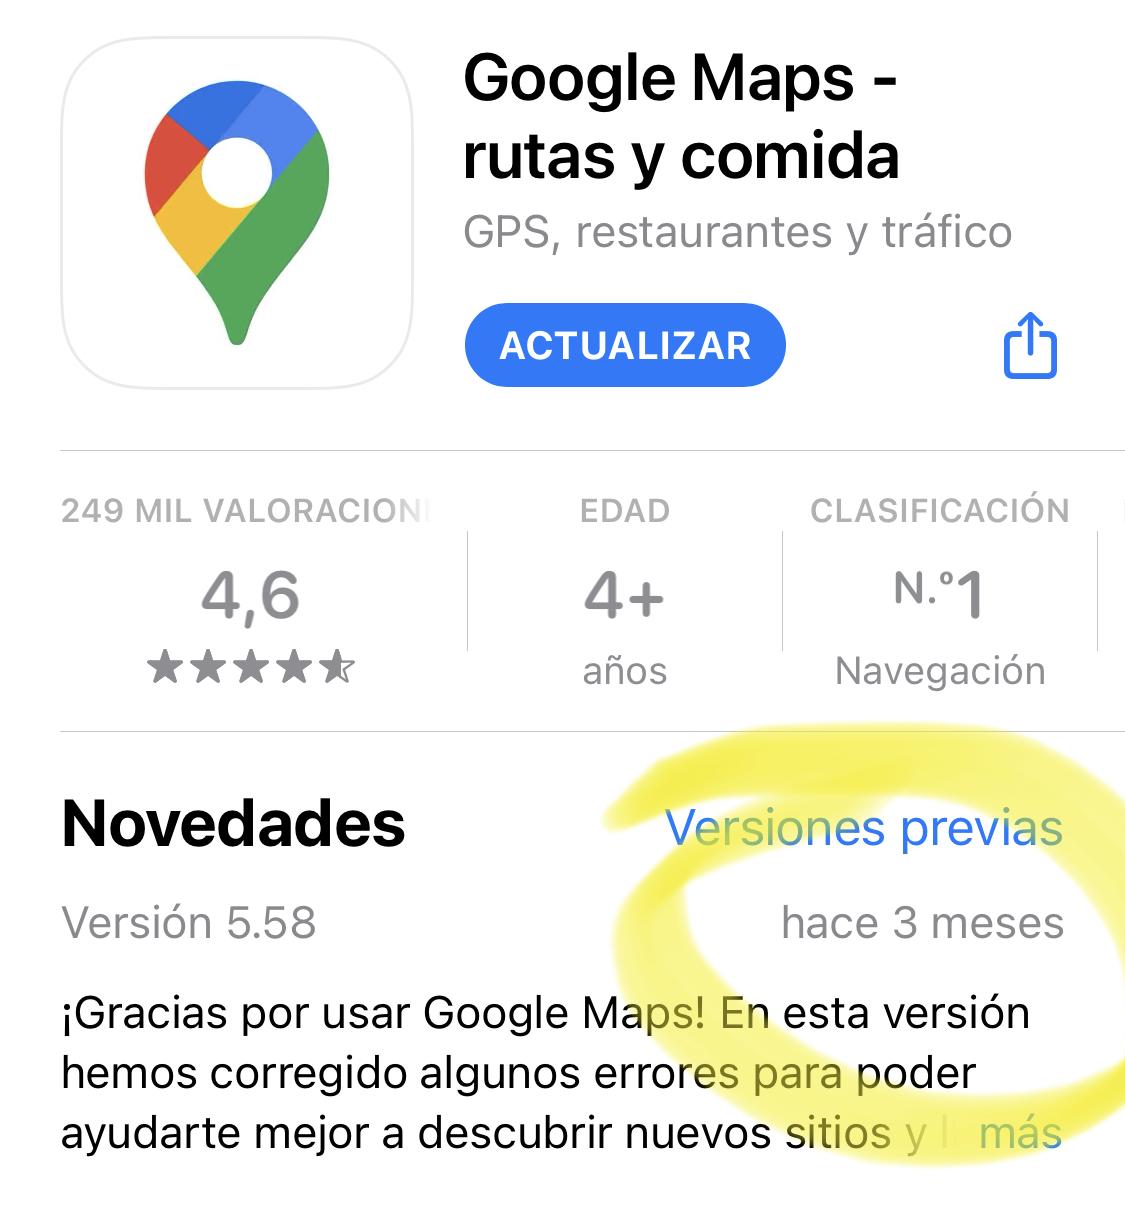 Google Maps lleva sin actualizarse más de tres meses debido a la información de privacidad